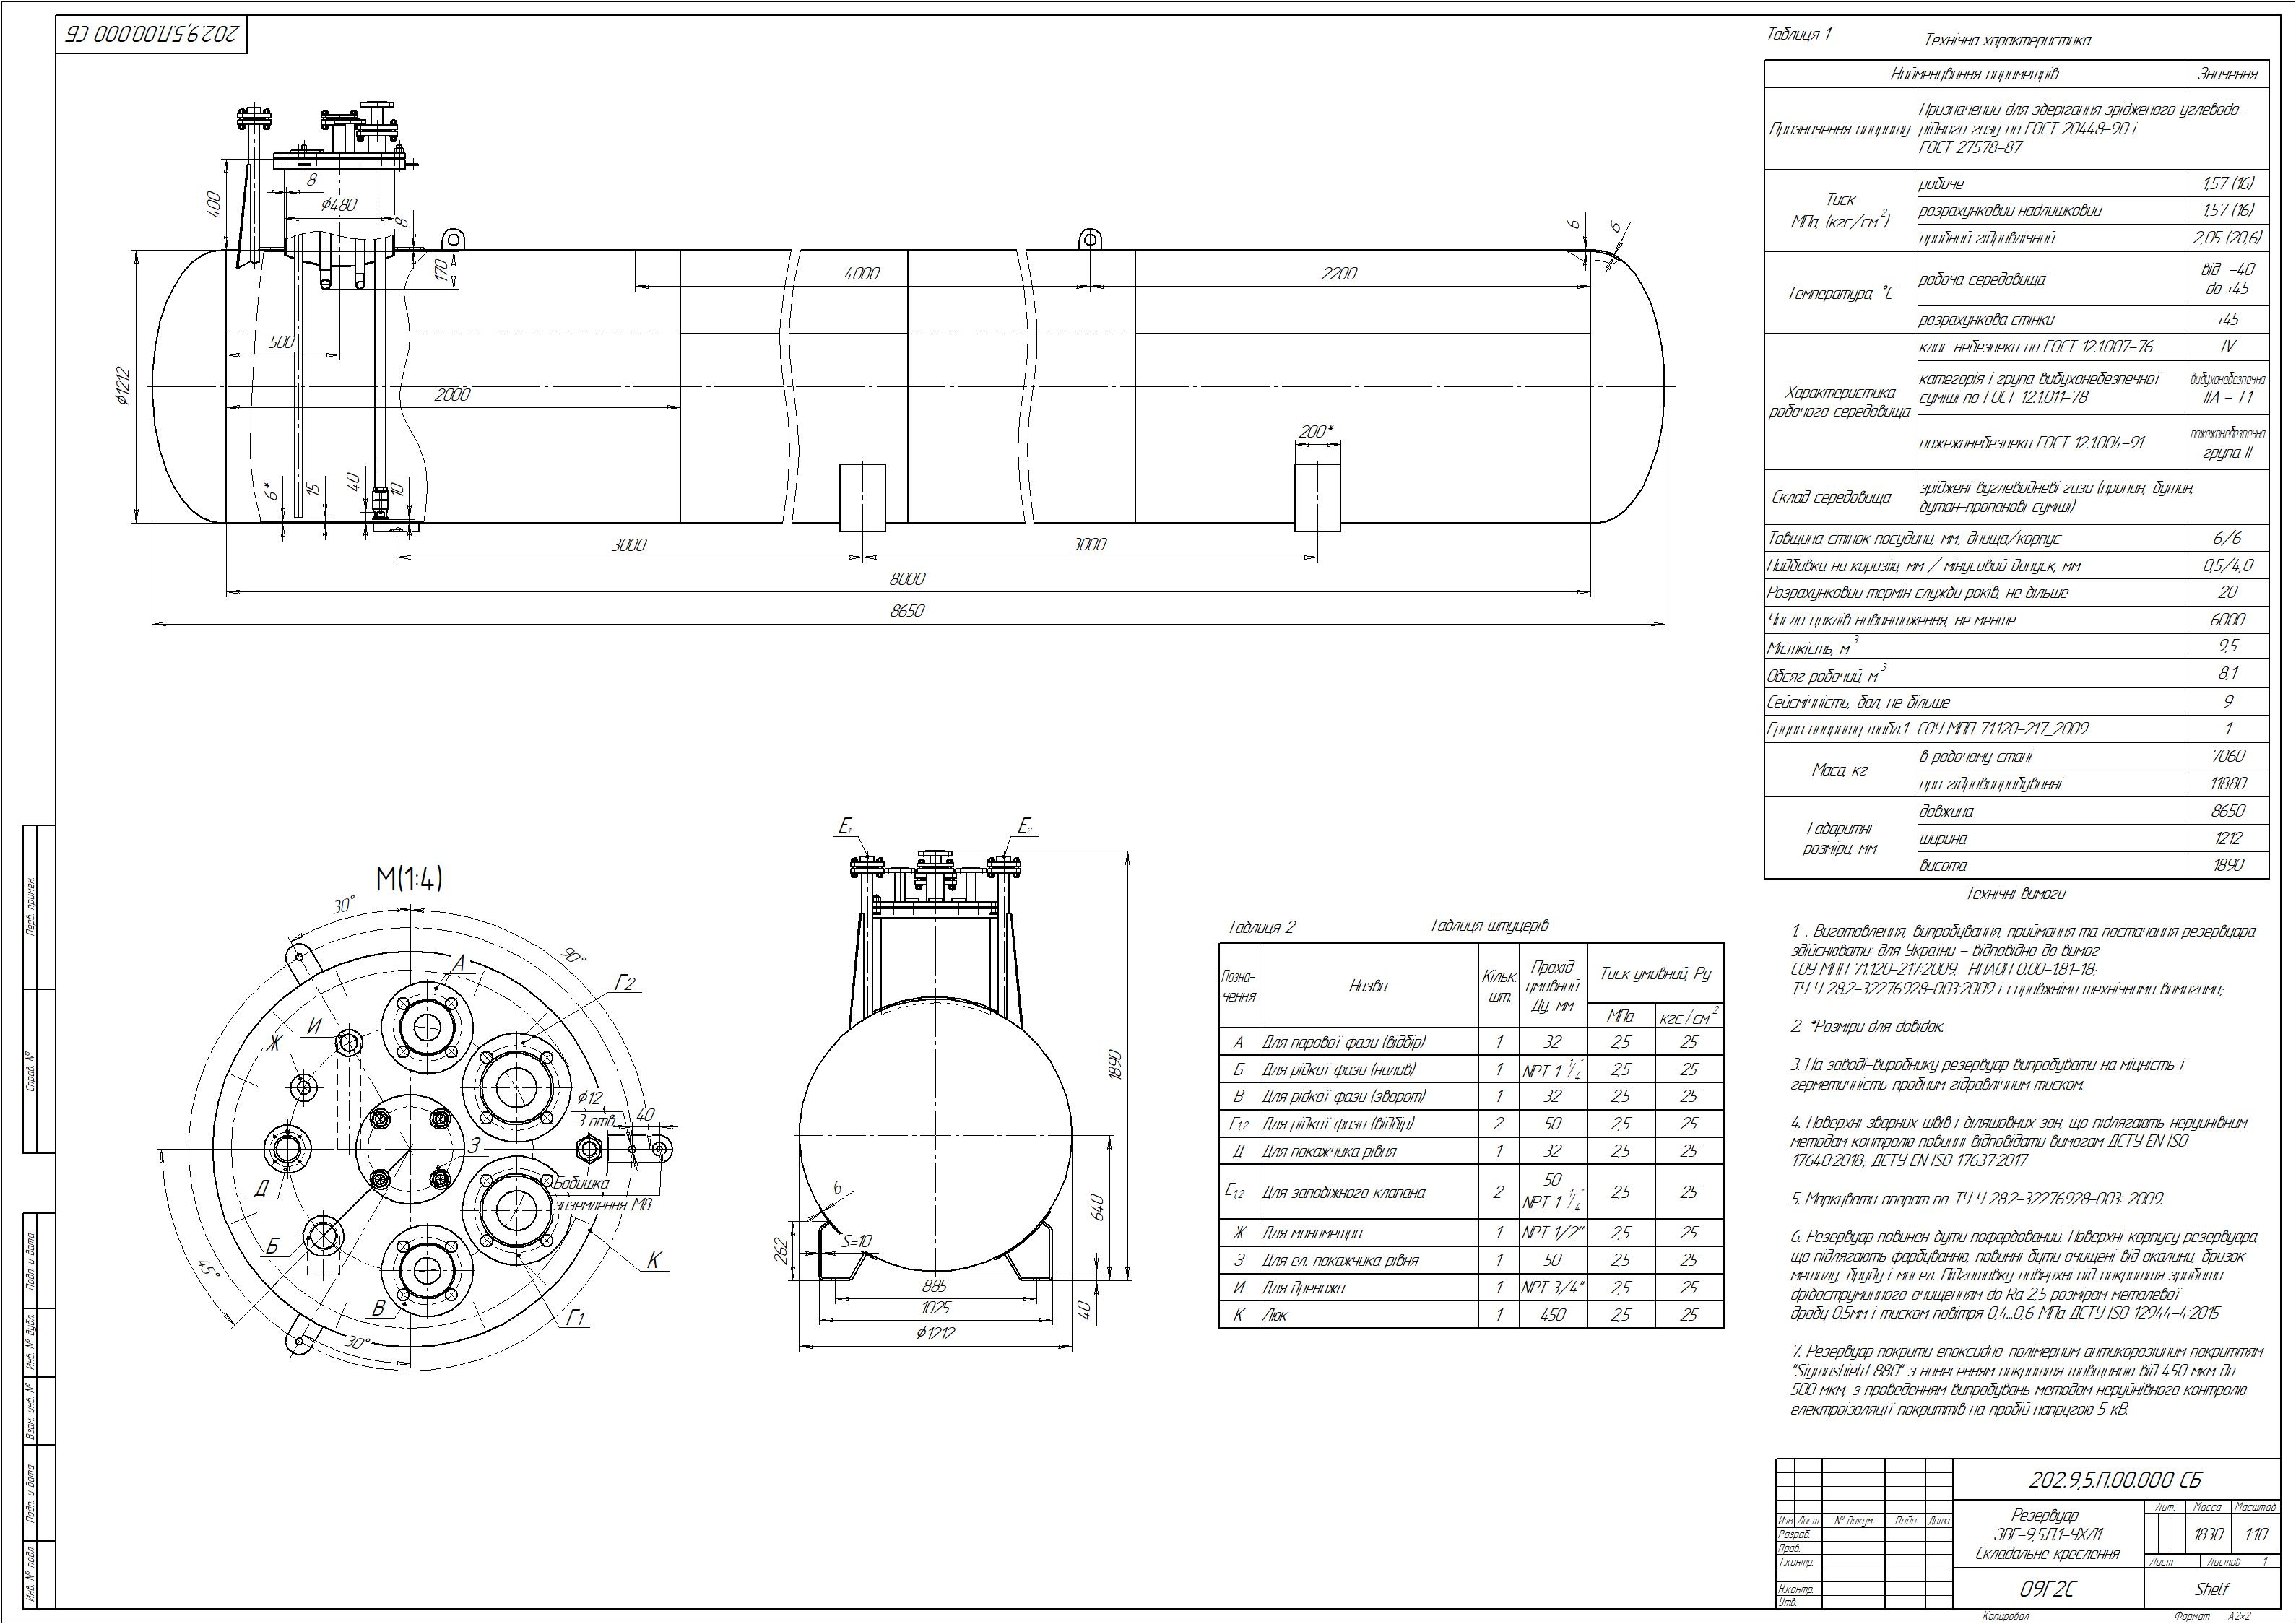 Схема резервуару підземного №5